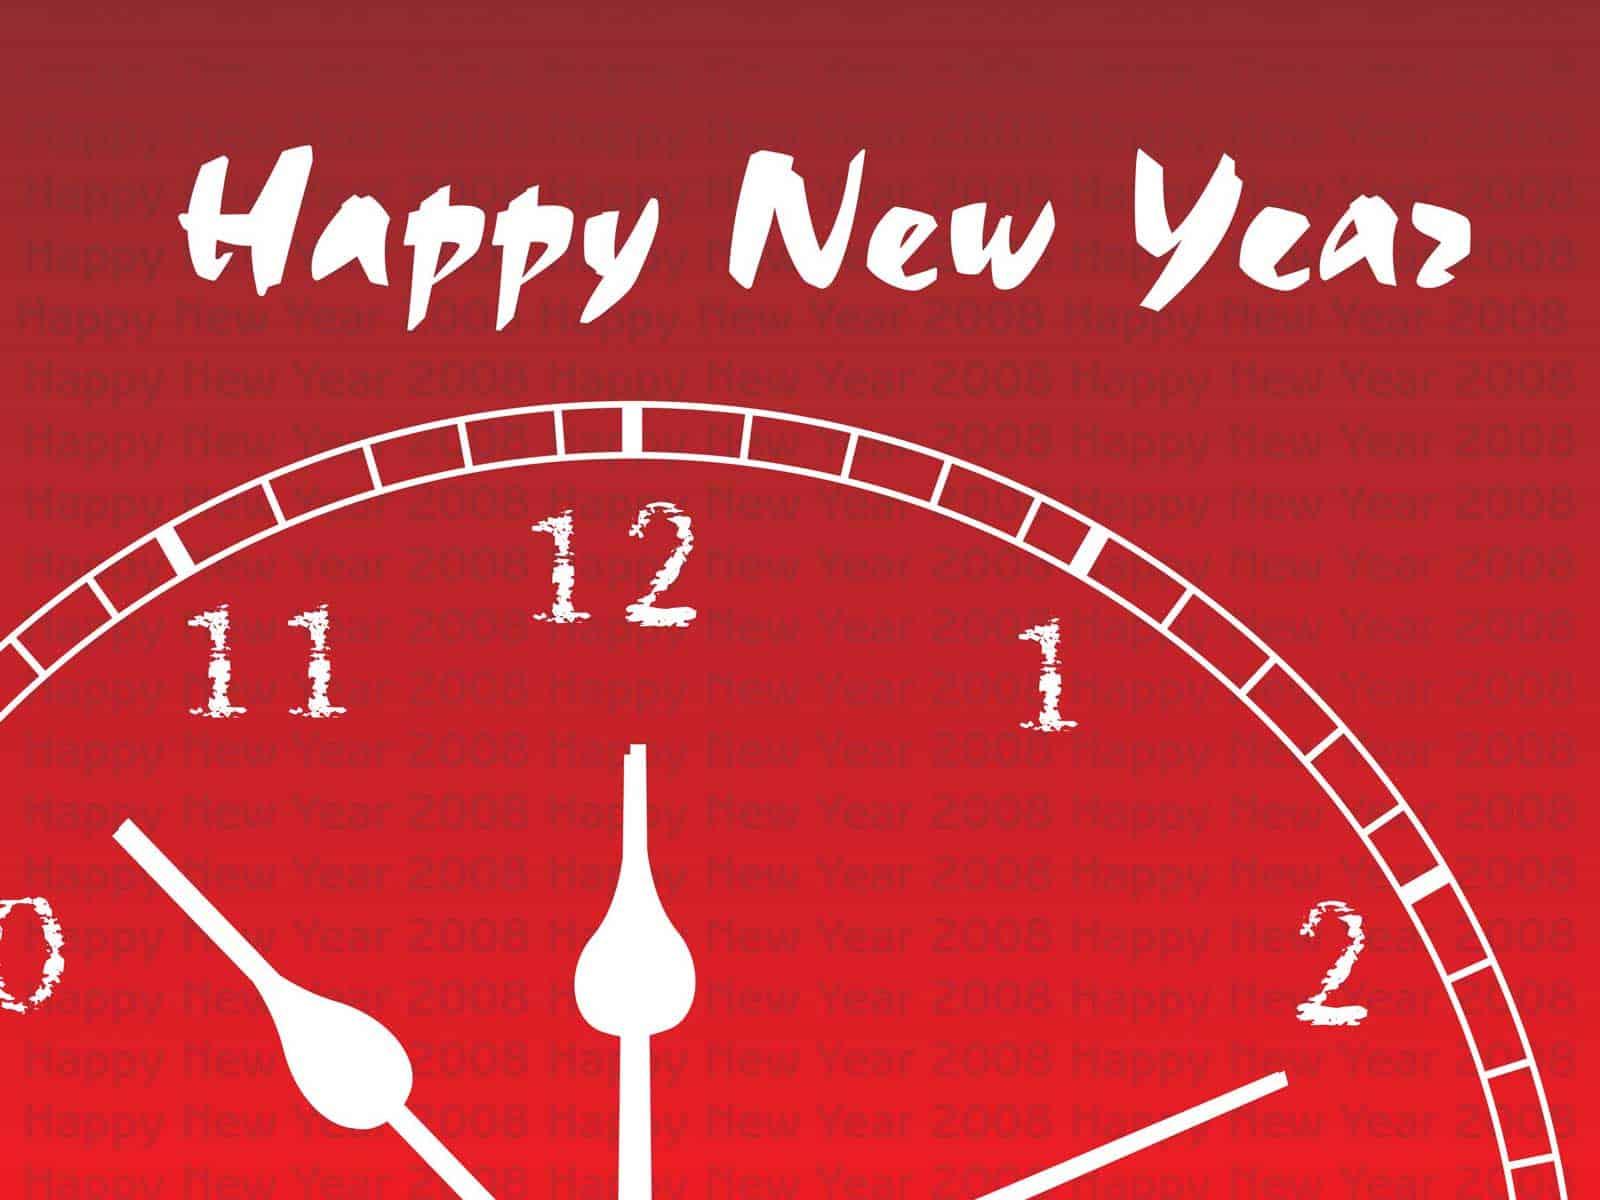 2017 New Year Greeting From Kwan Jang Nim